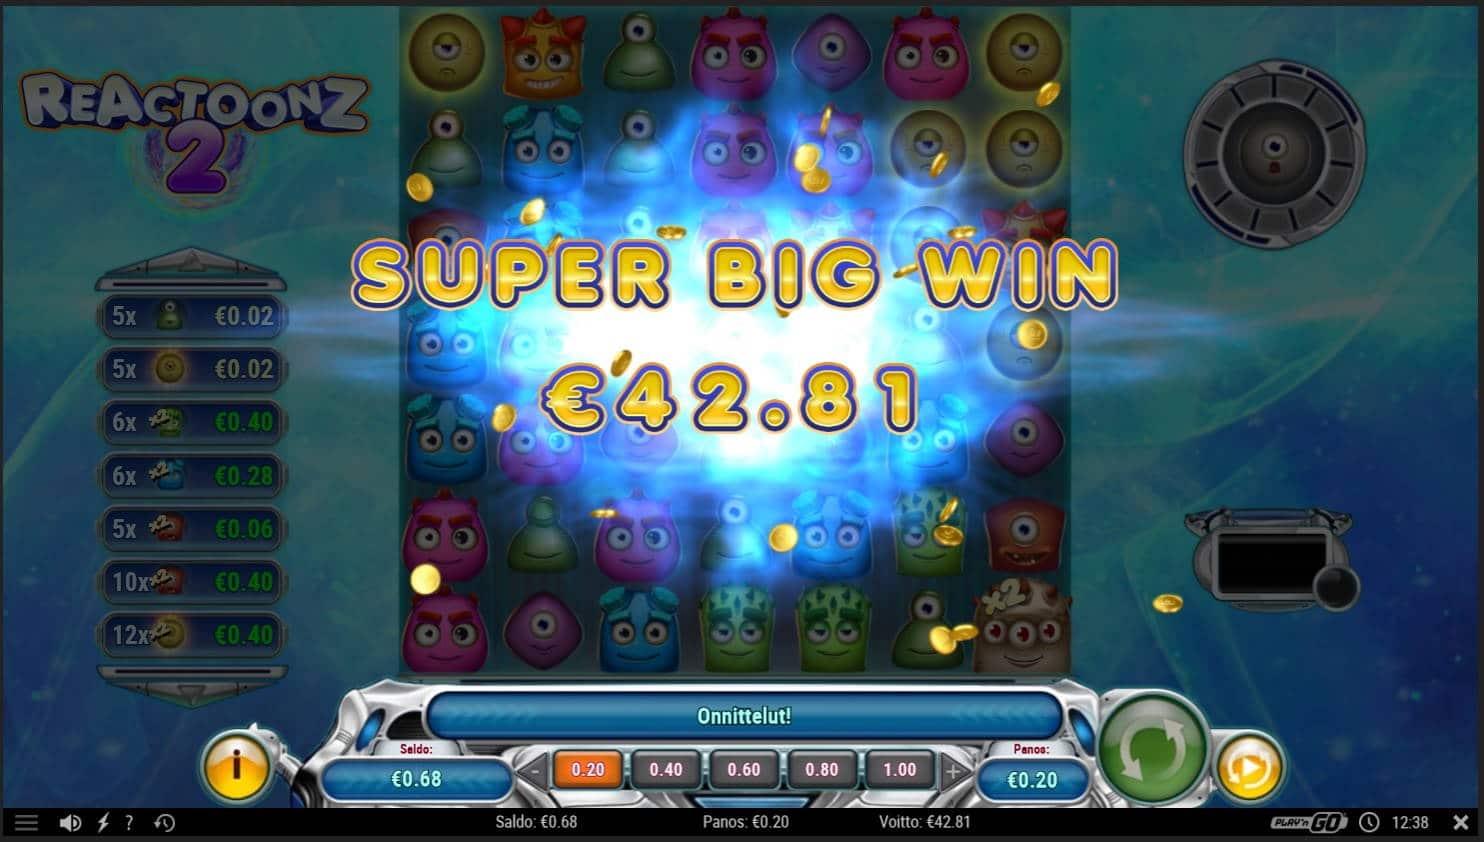 Reactoonz 2 Casino win picture by MrMork666 16.11.2020 42.81e 214X